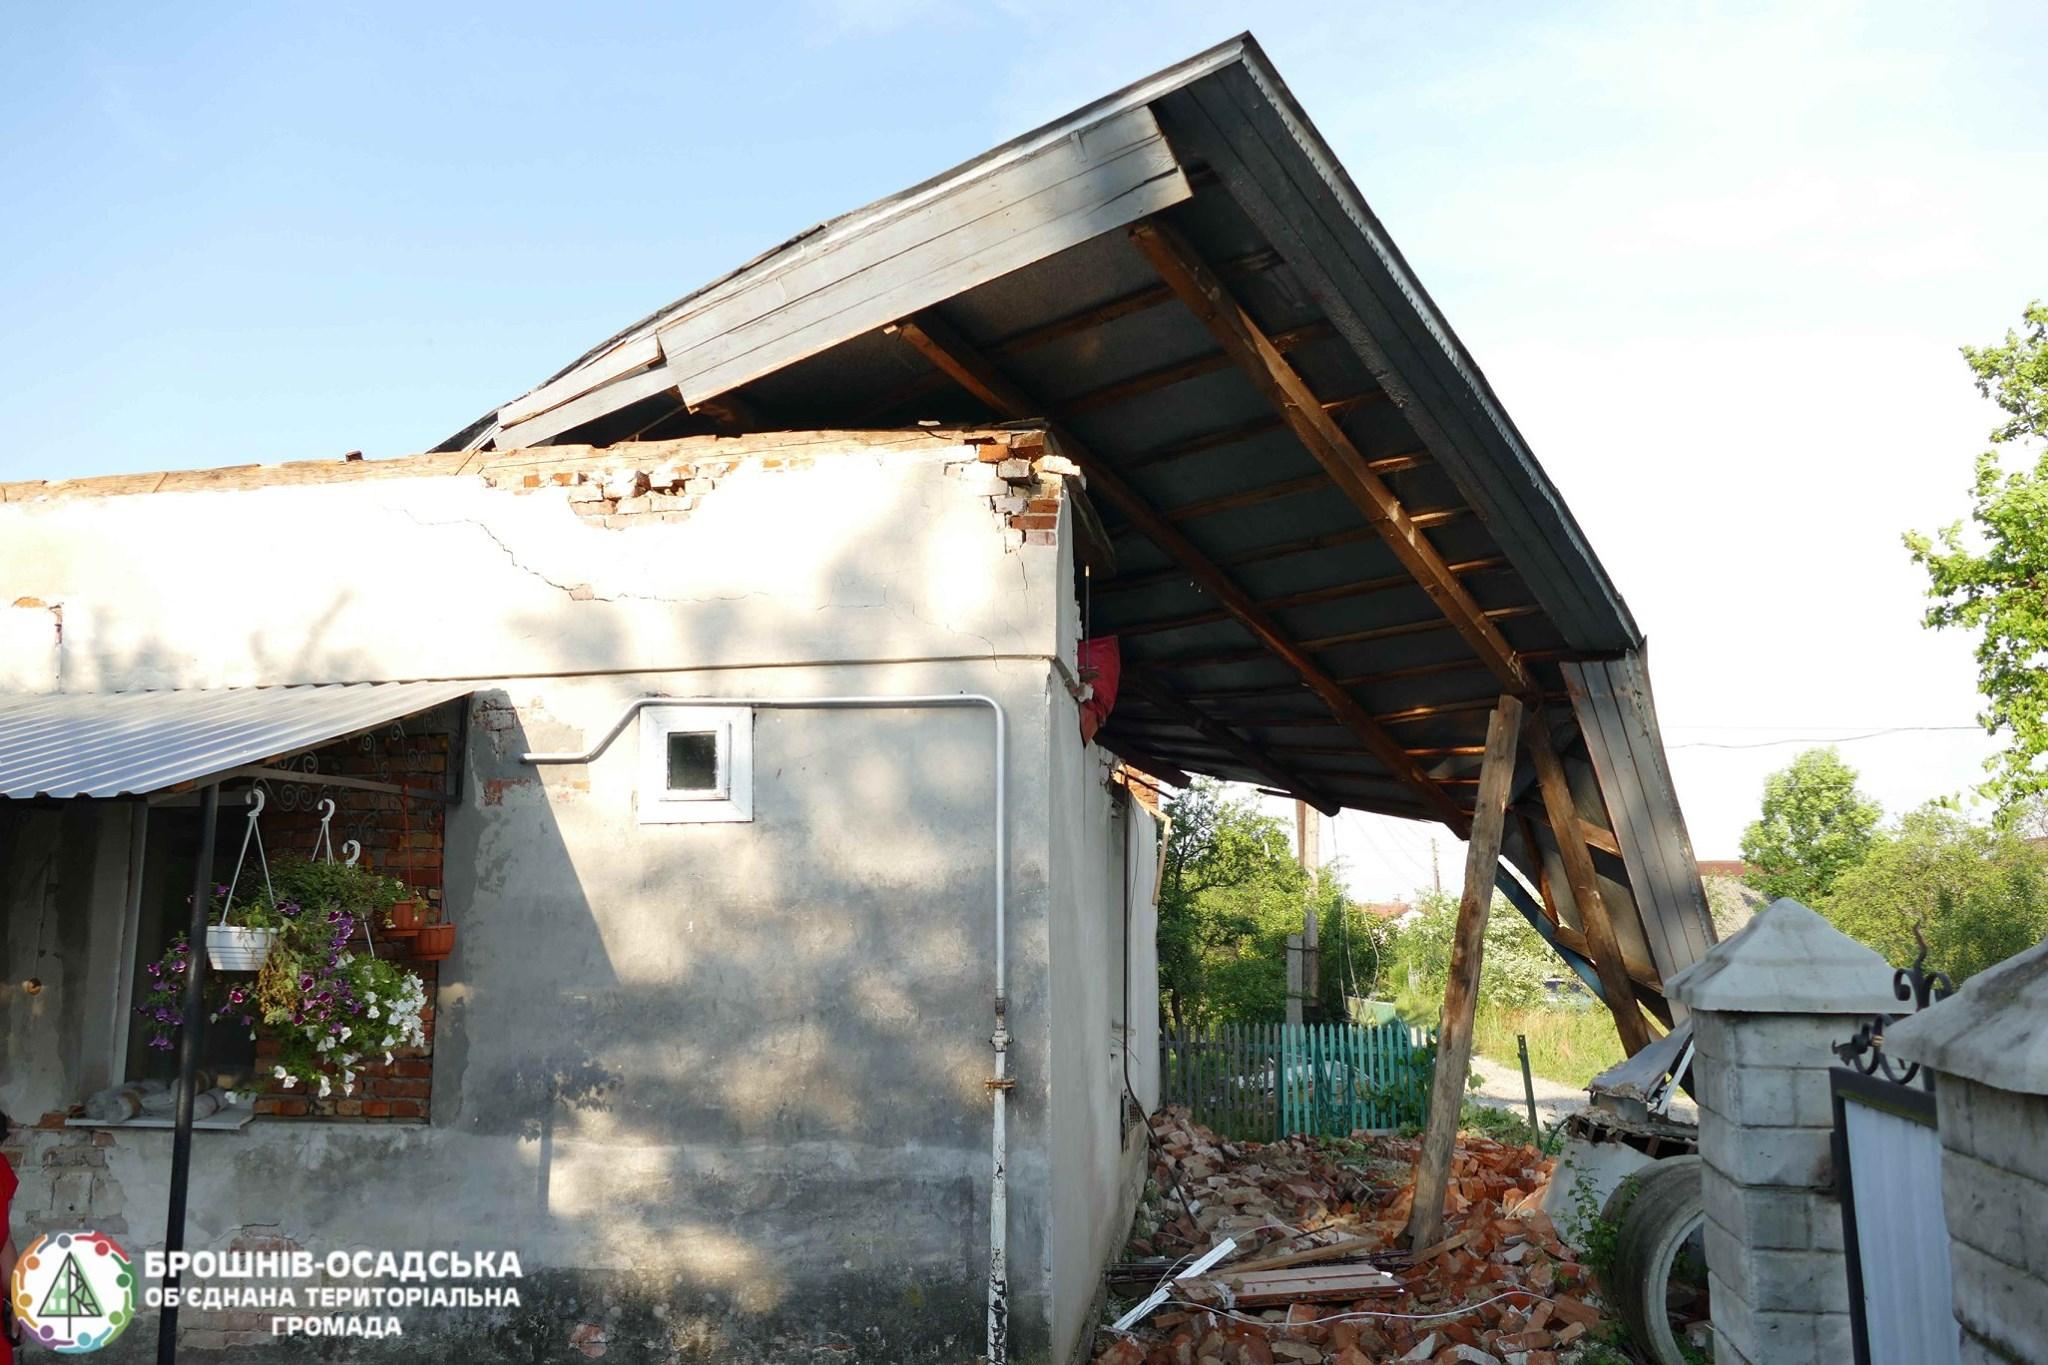 Через стихію родина у Брошнів-Осадській ОТГ залишилася без даху над головою 4